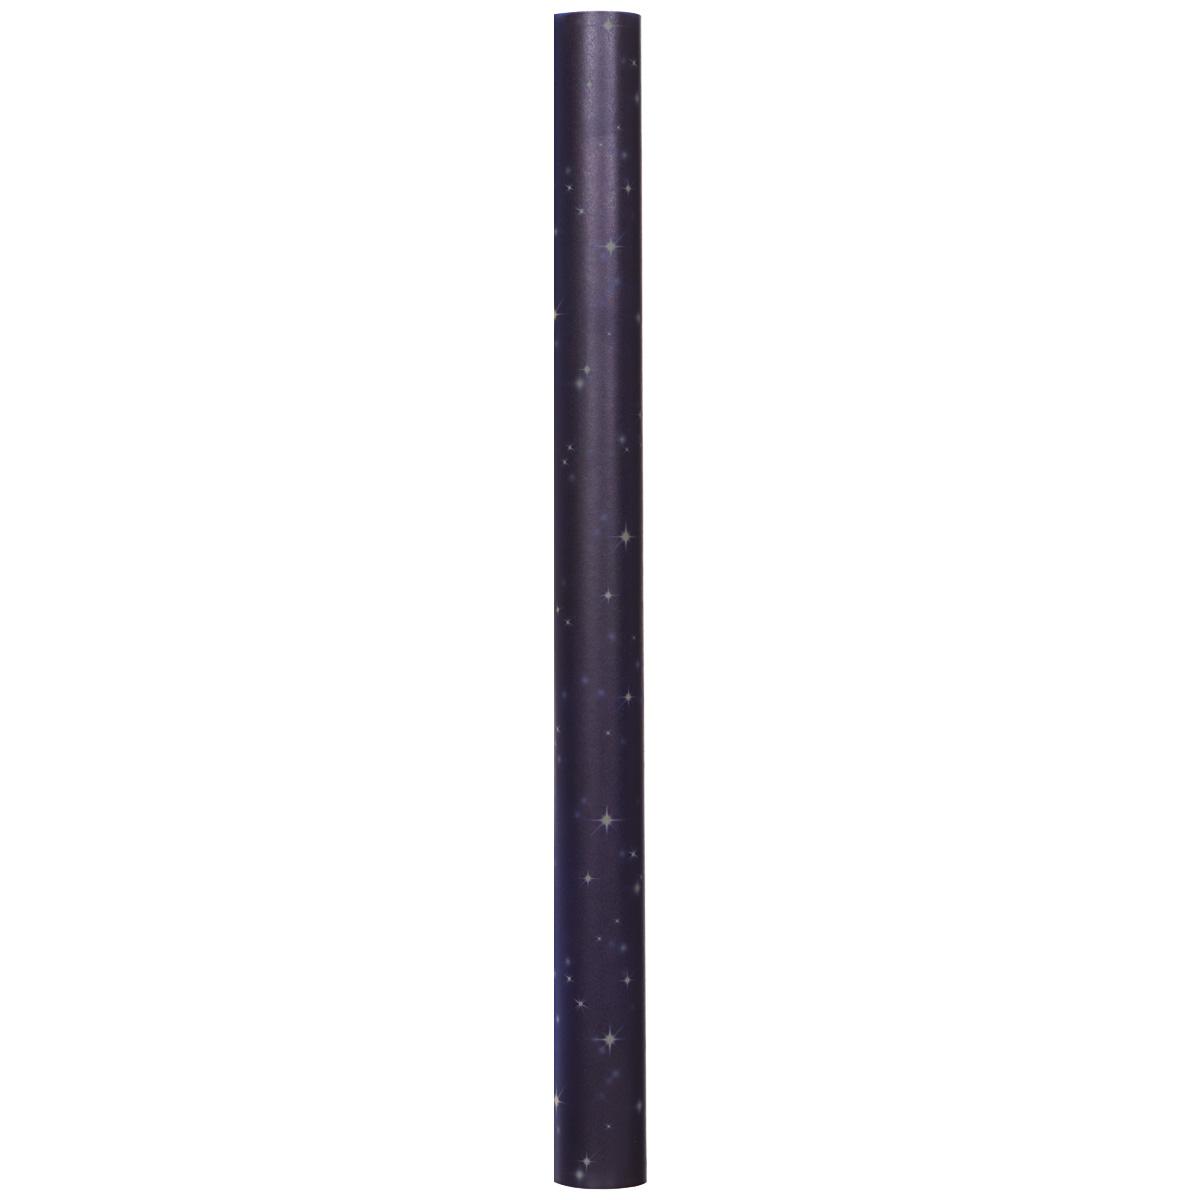 Транспарентная бумага Folia Звездное небо, цвет: фиолетовый, 50,5 x 70 см09840-20.000.00Транспарентная бумага Folia Звездное небо - полупрозрачная бумага с оригинальным дизайном в виде звезд. Используется для изготовления открыток, для скрапбукинга и других декоративных или дизайнерских работ. Бумага прекрасно держит форму, не пачкает руки, отлично крепится. Конструирование из транспарентной бумаги - необходимый для развития детей процесс. Во время занятия аппликацией ребенок сумеет разработать четкость движений, ловкость пальцев, аккуратность и внимательность. Кроме того, транспарентная бумага позволит разнообразить идеи ребенка при создании творческих работ.